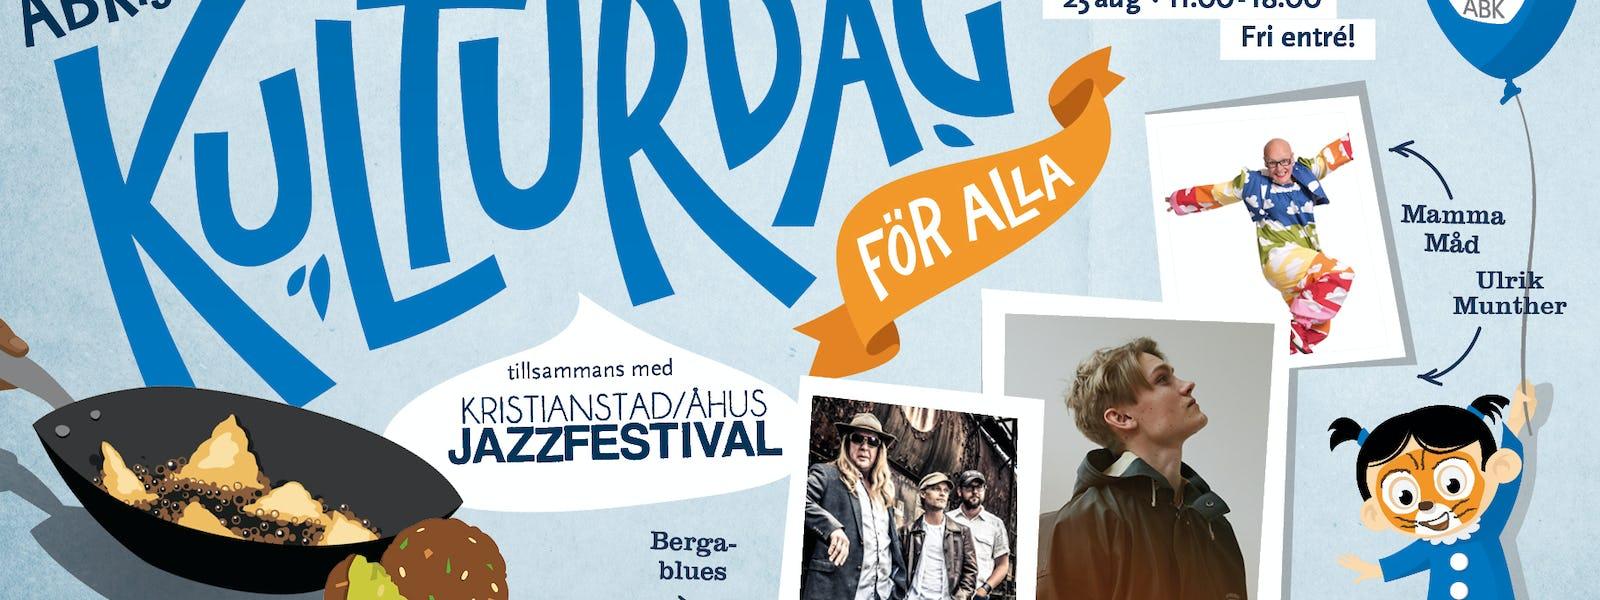 när fyller ulrik munther år Ulrik Munther till ABK:s Kulturdag när fyller ulrik munther år